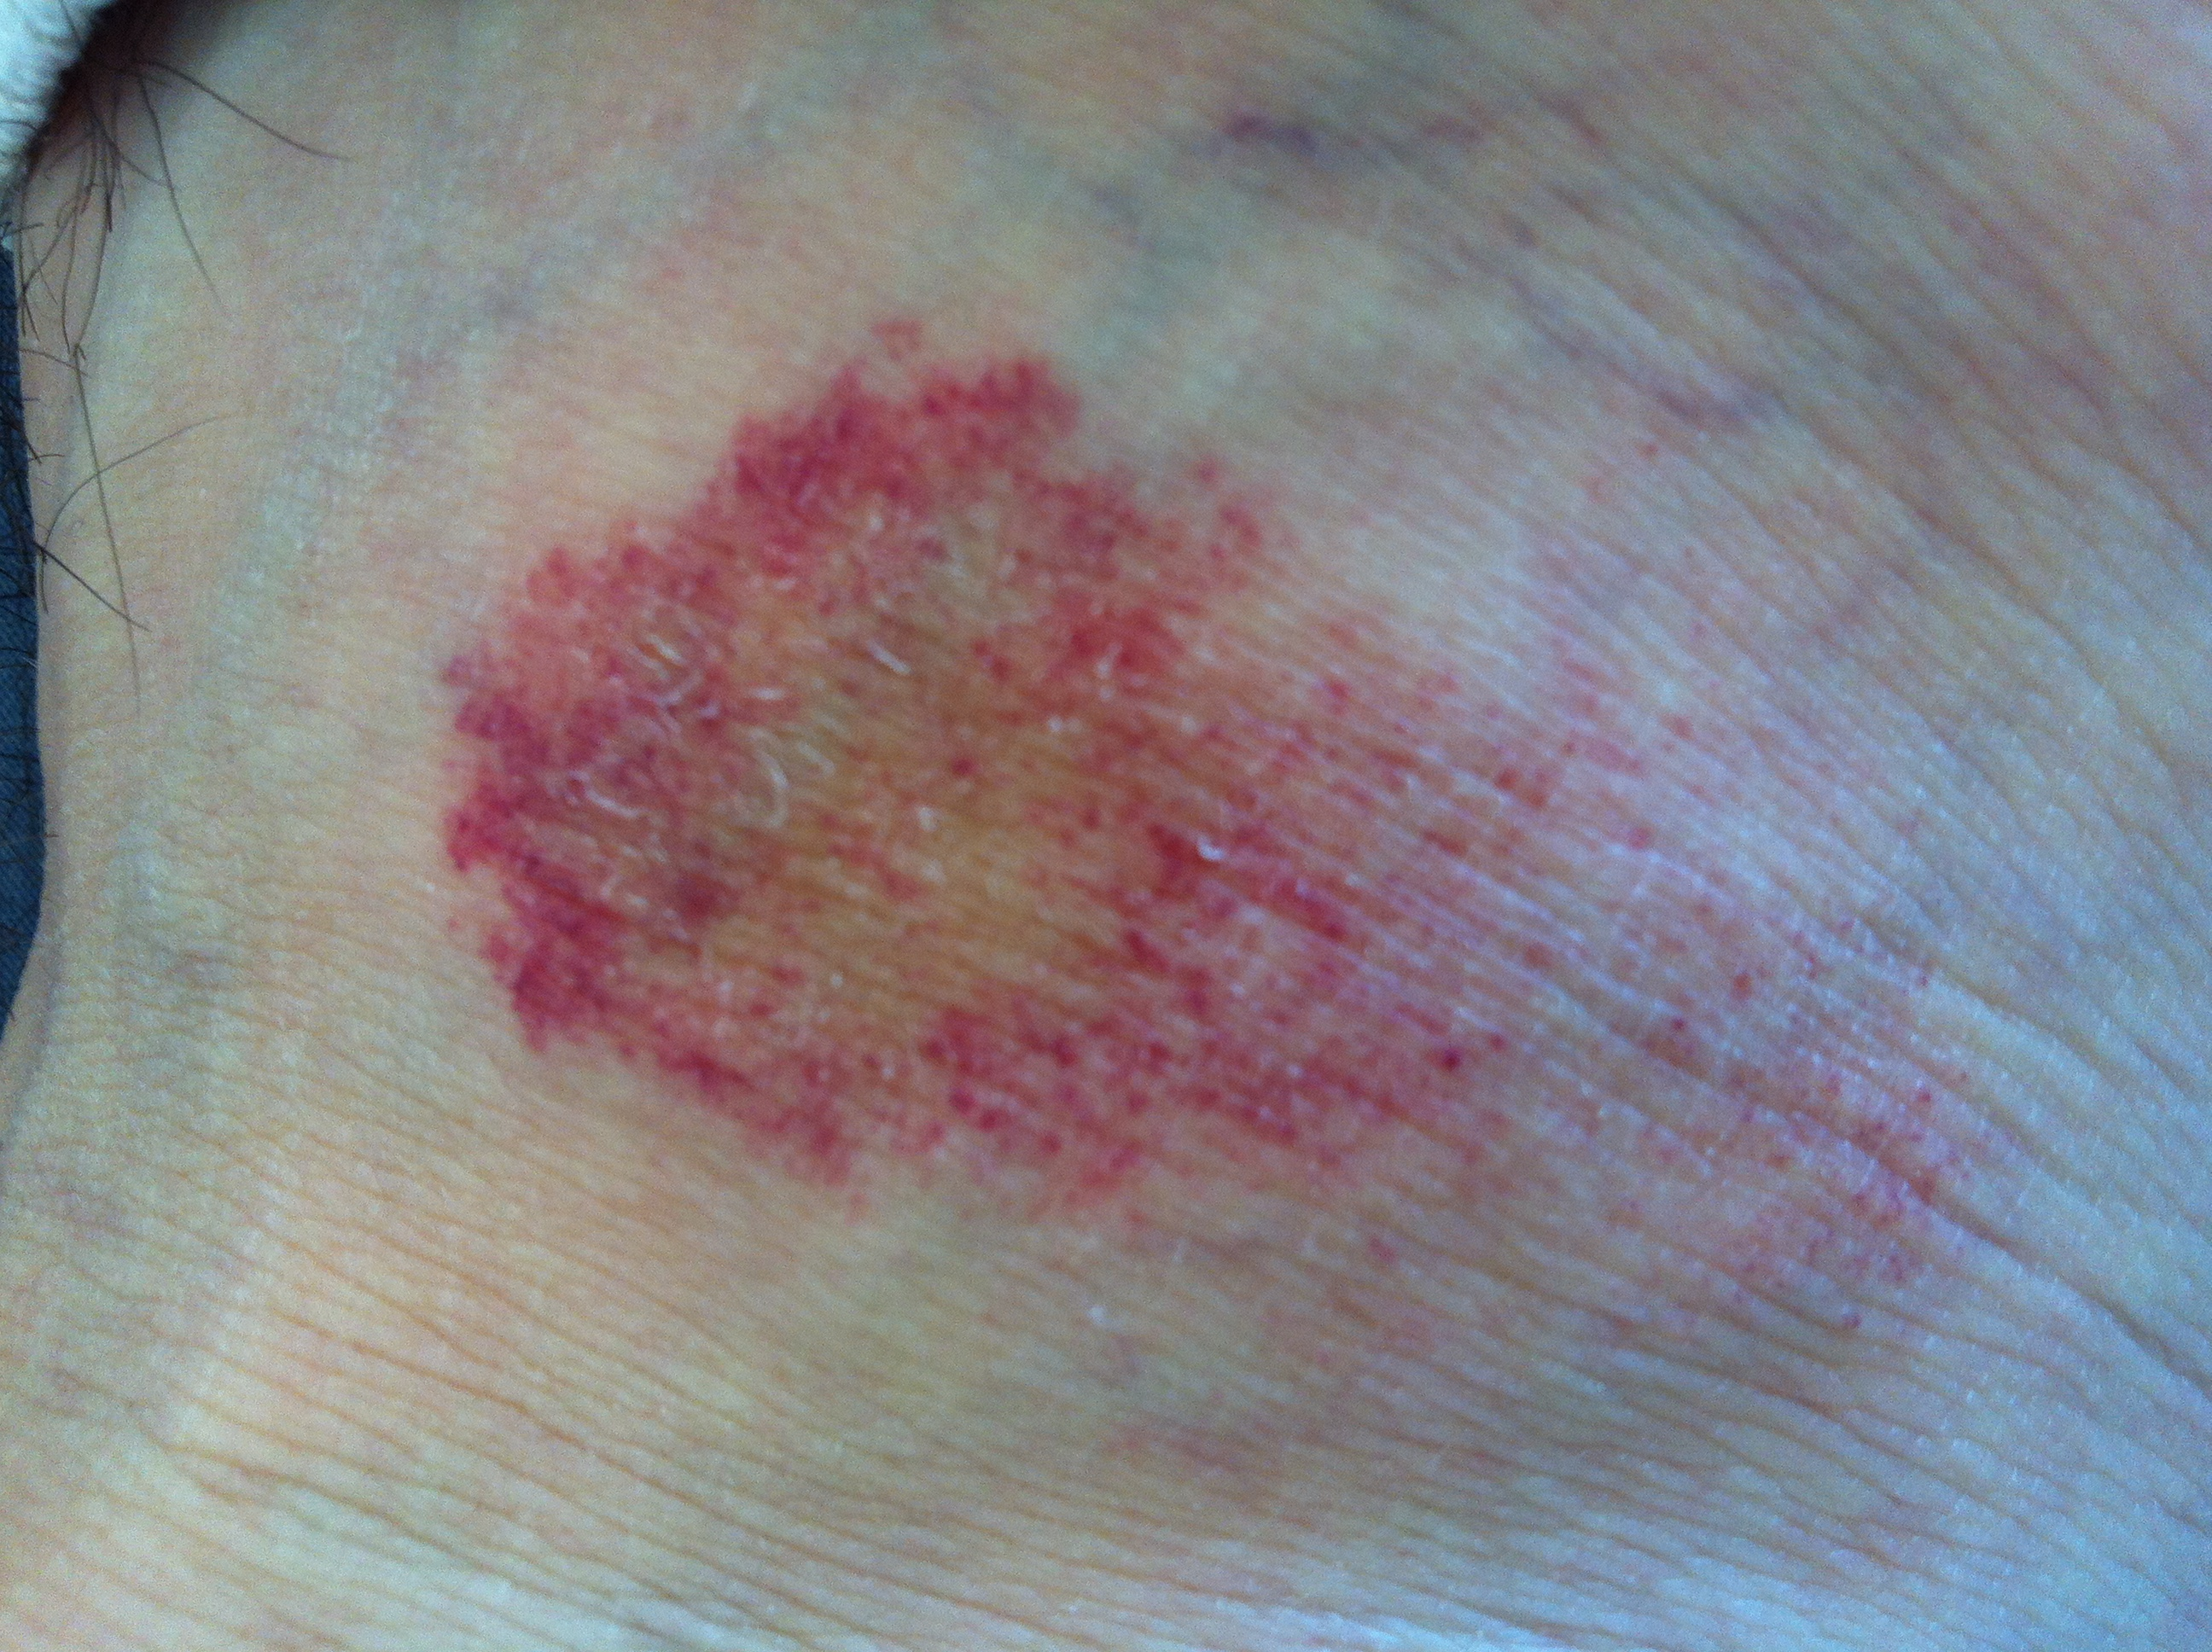 dermatitis steroidica rosaceiformis